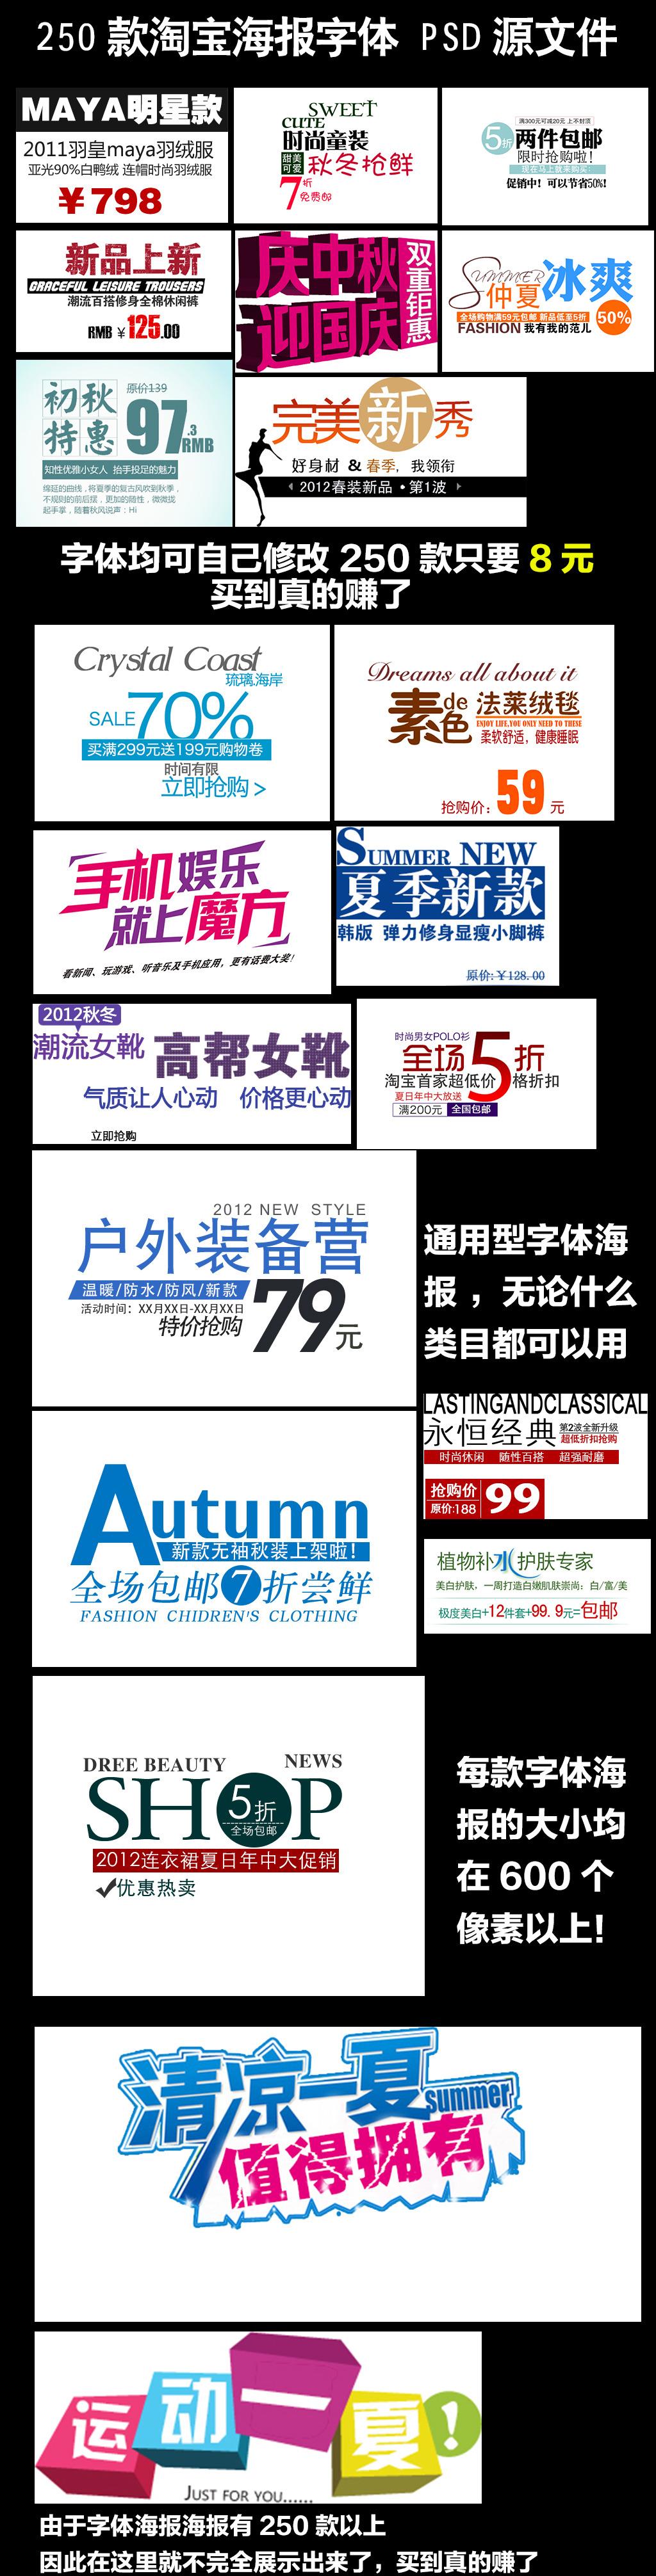 淘宝字体排版海报特效字体源文件模板下载